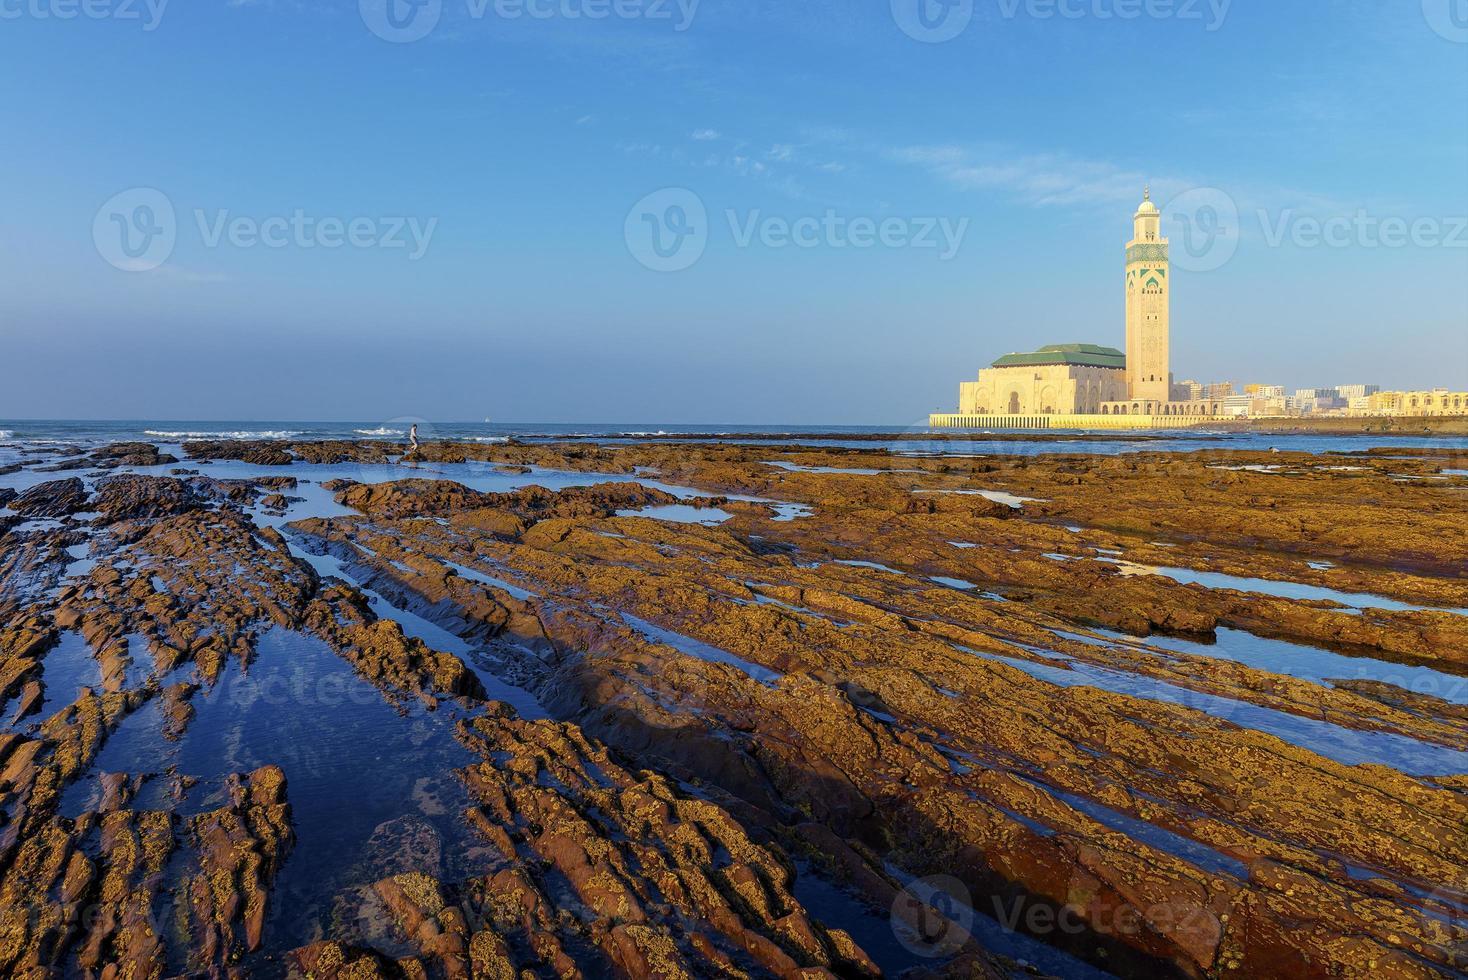 detalhe de rochas nuas por causa da maré baixa em casablanca, marrocos. foto